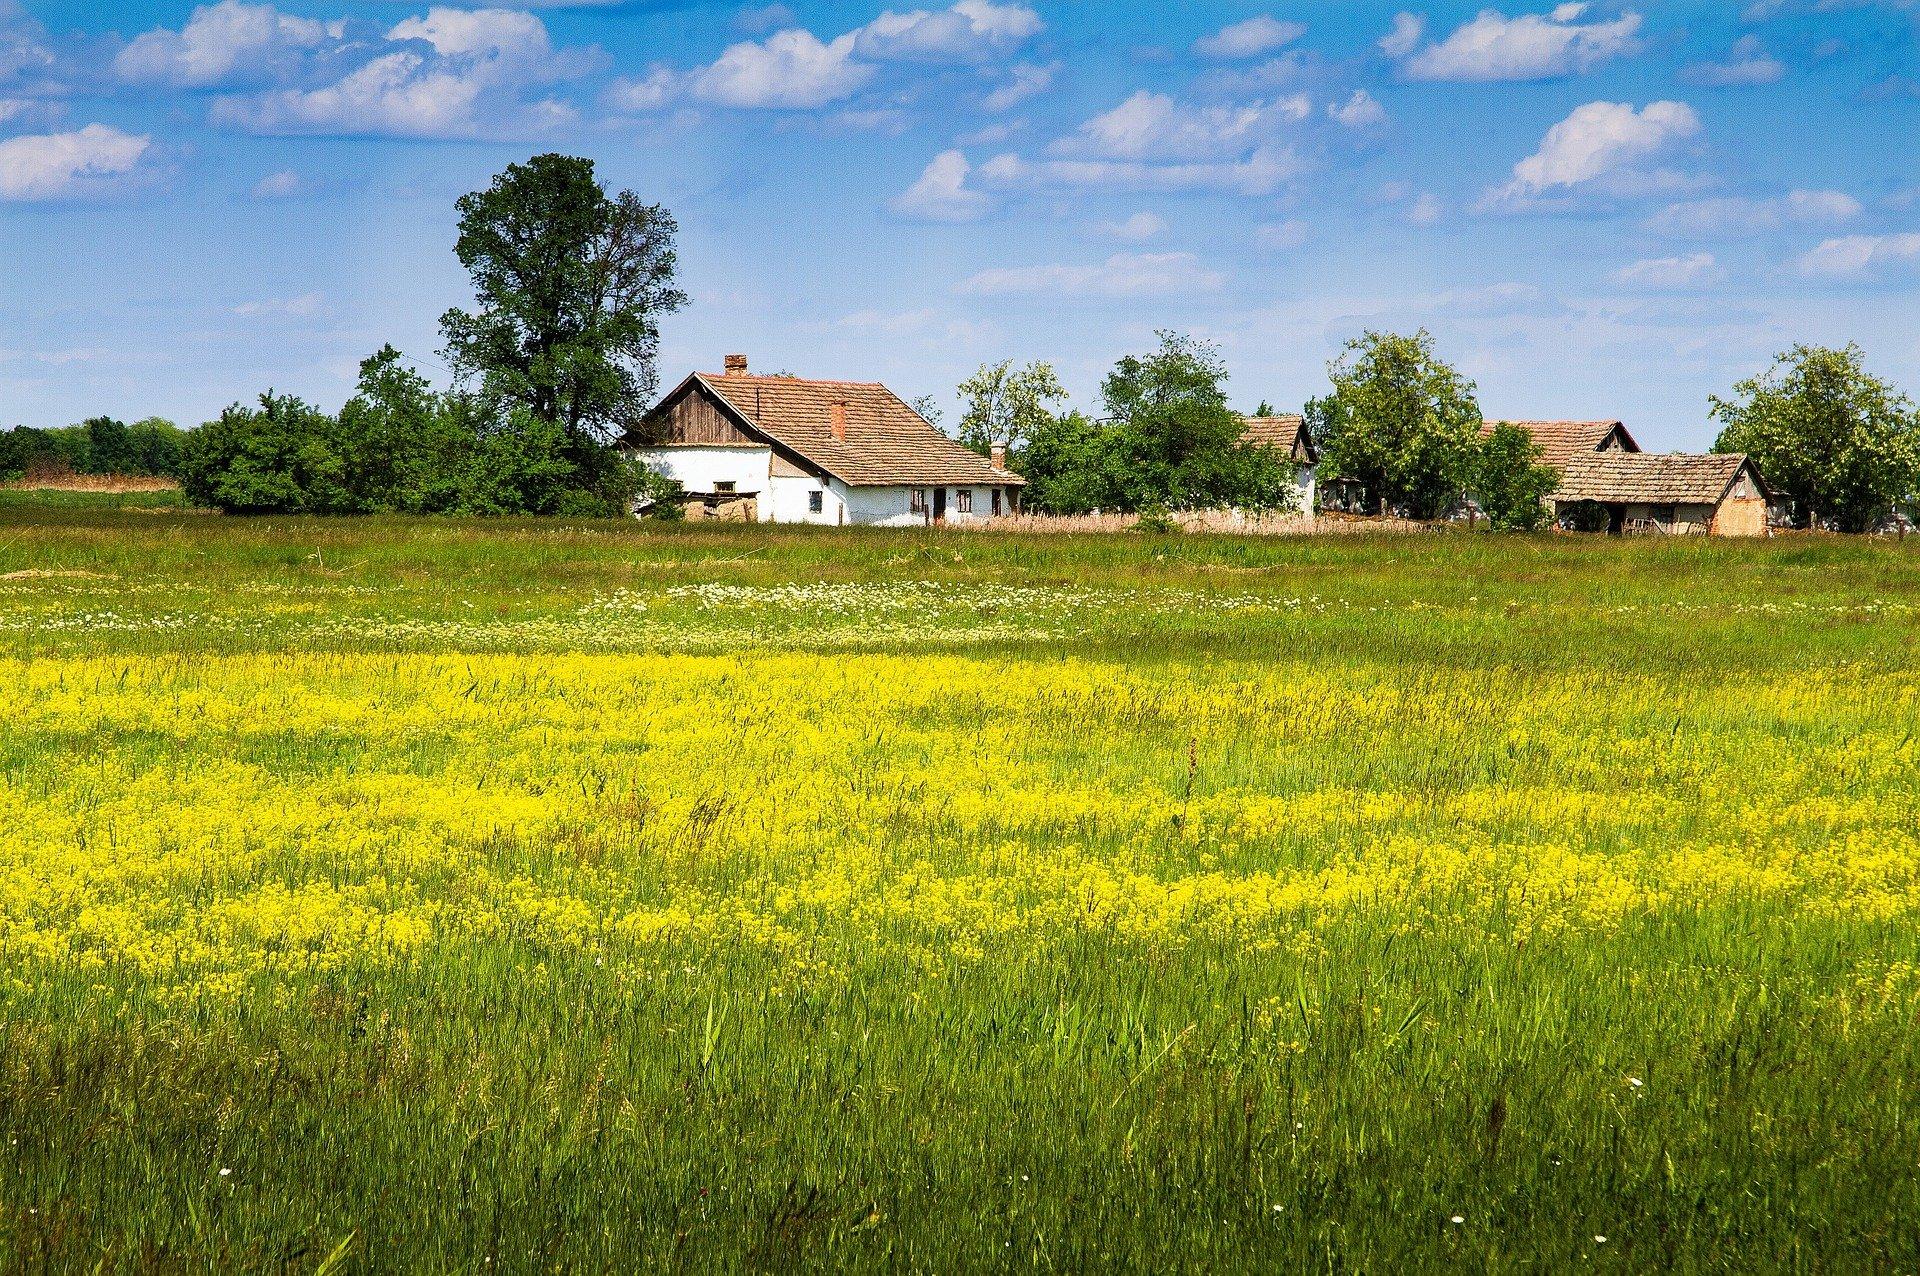 858 Millionen Forint für die ungarischen Bauernhöfe